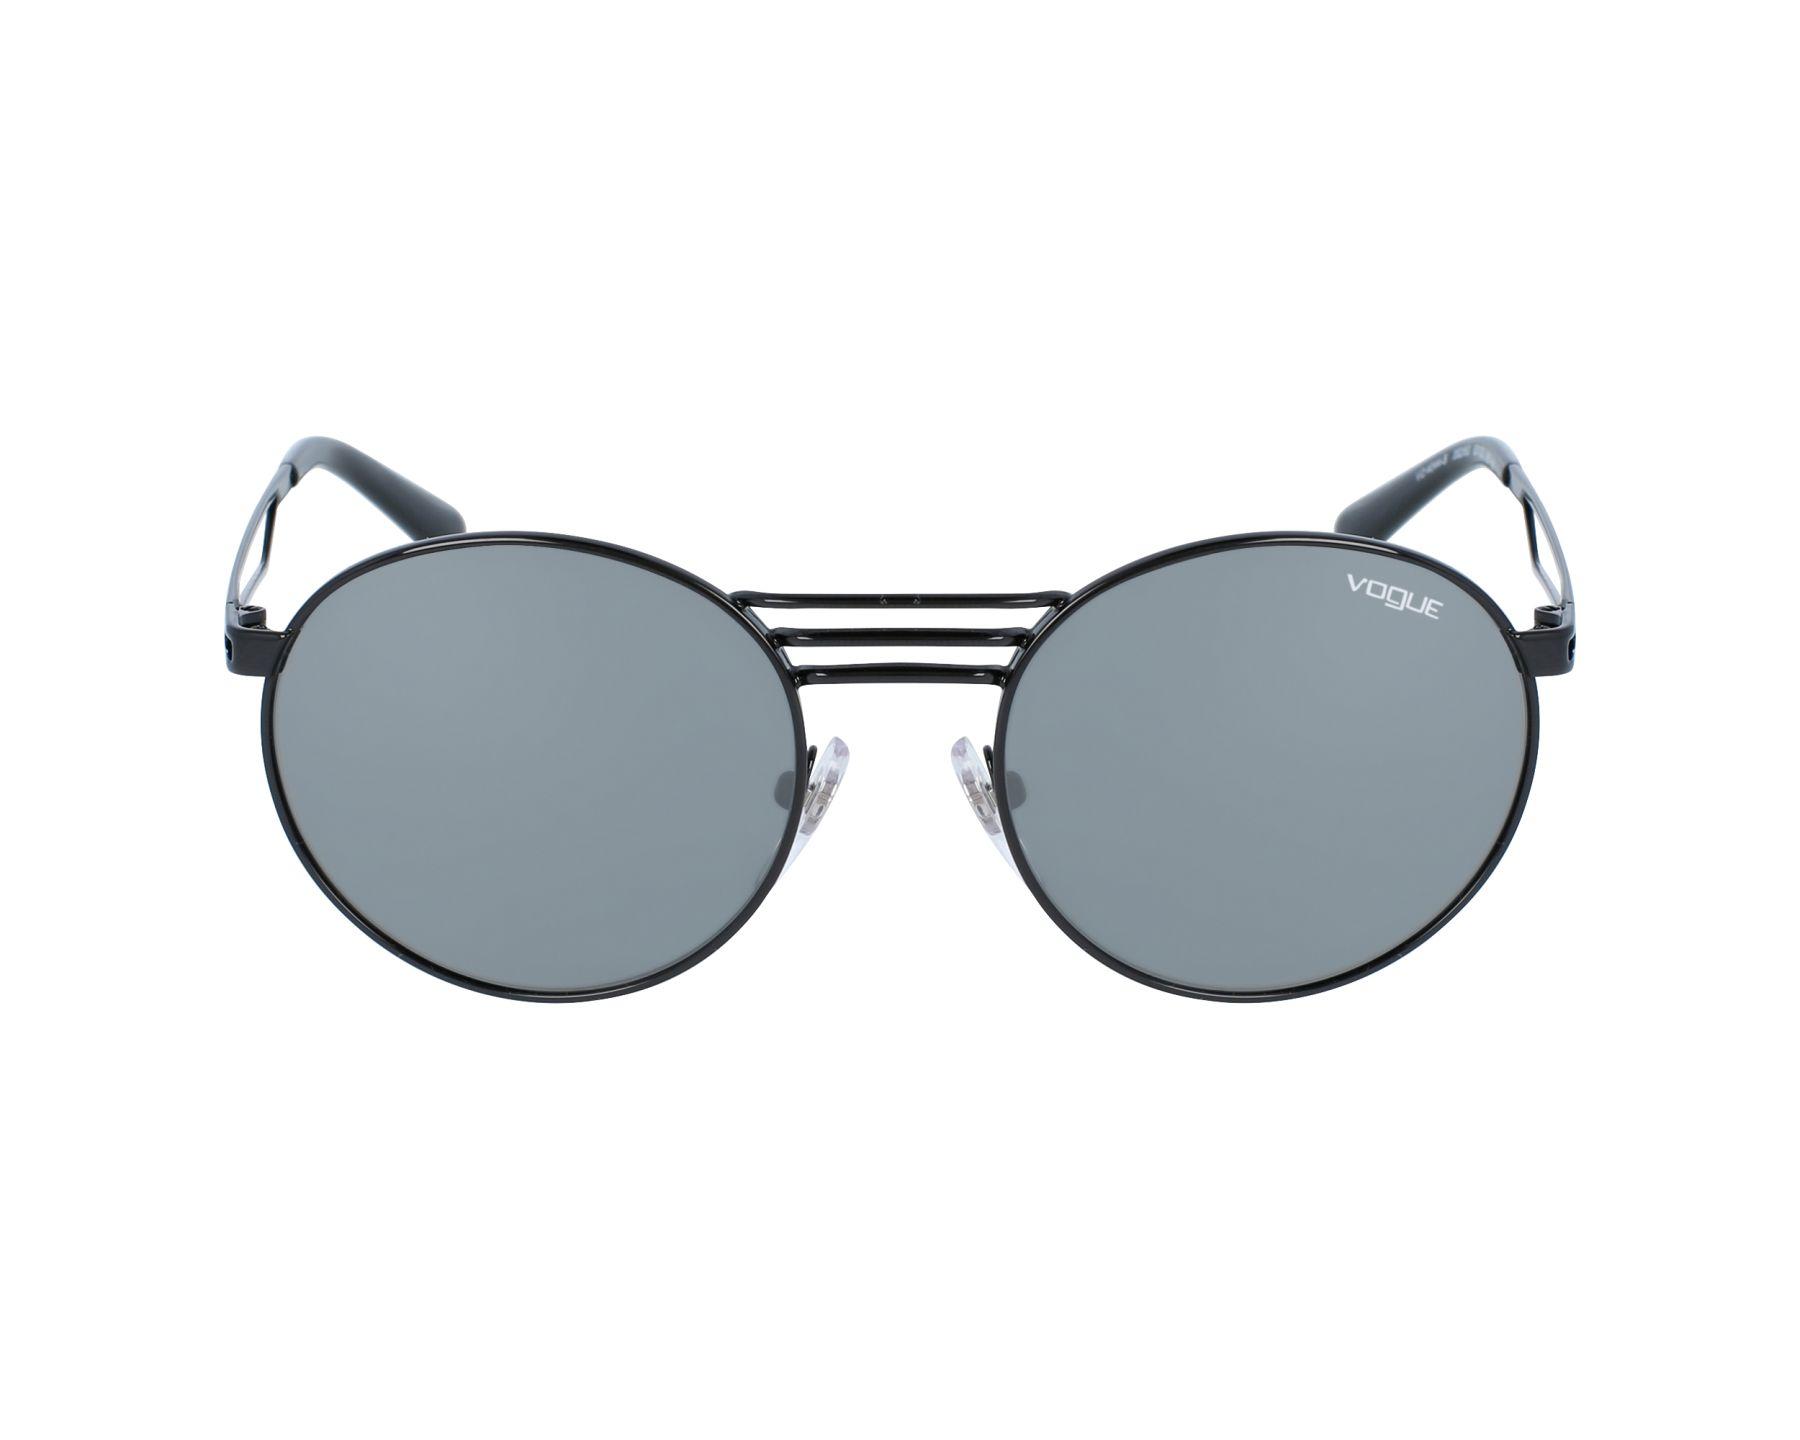 Vogue VO4044S 352/6G Sonnenbrille 0zqPDty